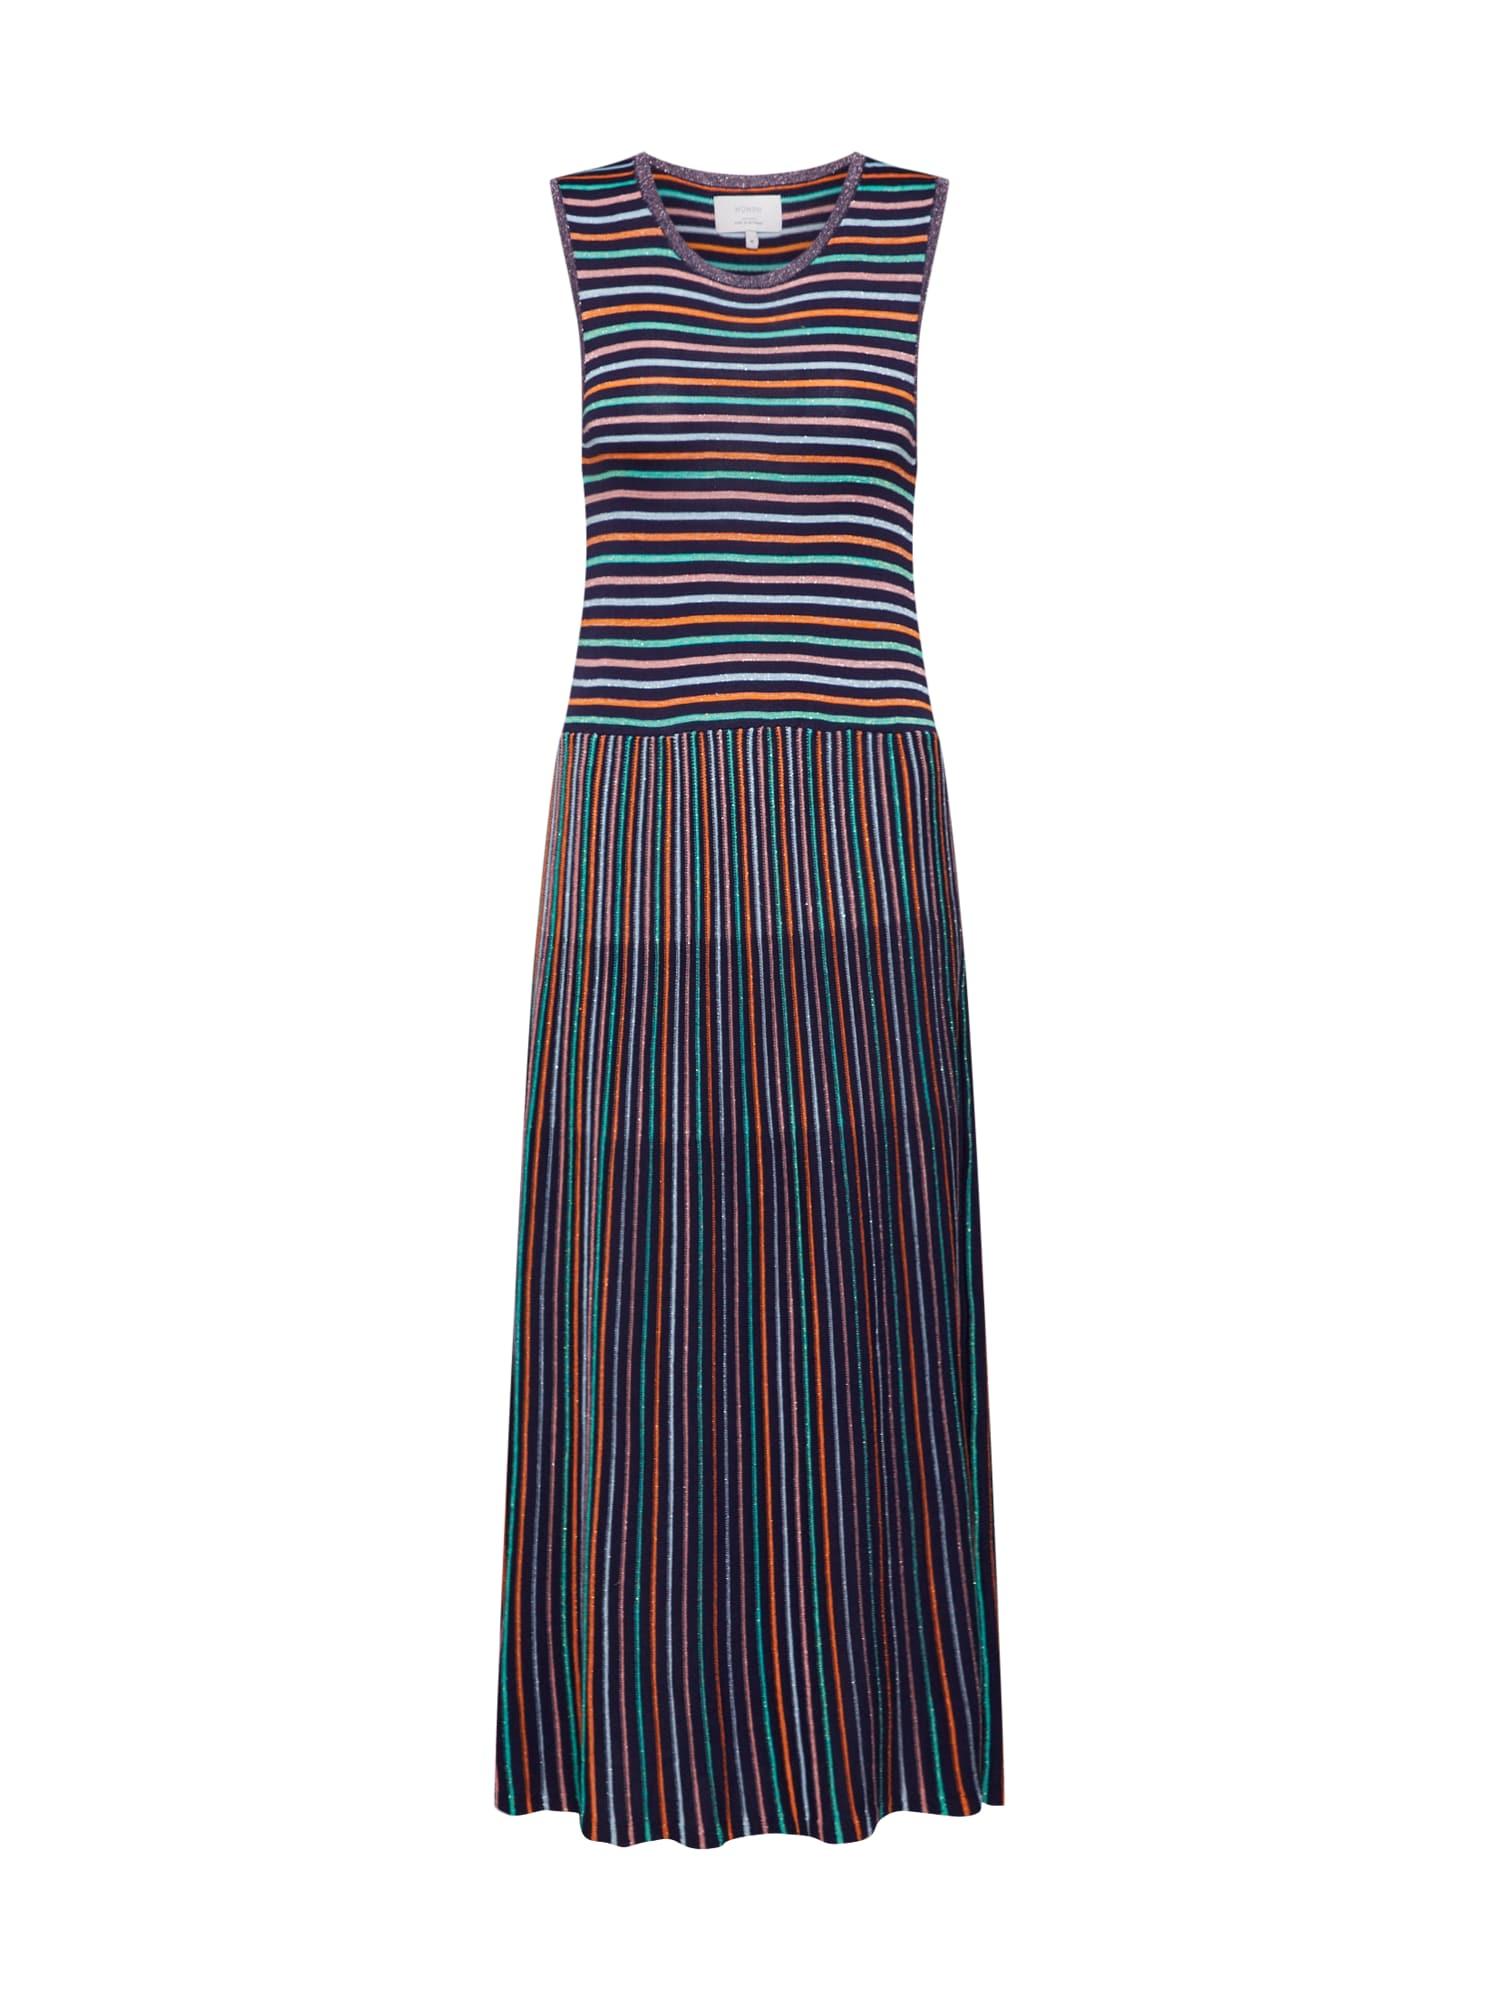 Šaty Joaquina modrá mix barev NÜMPH